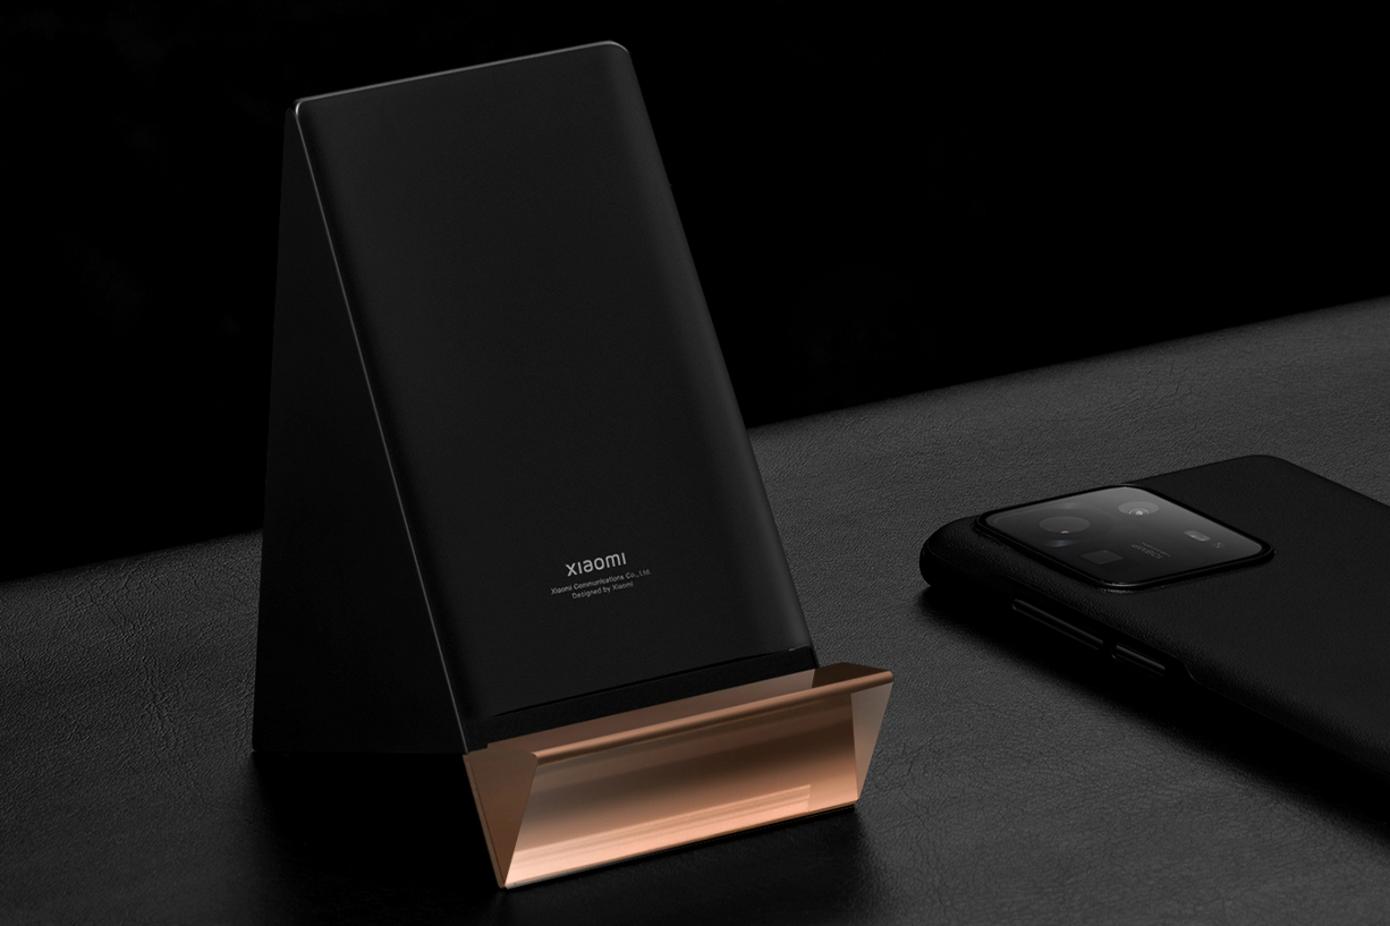 Xiaomi Predstavila Novye Ustrojstva 1